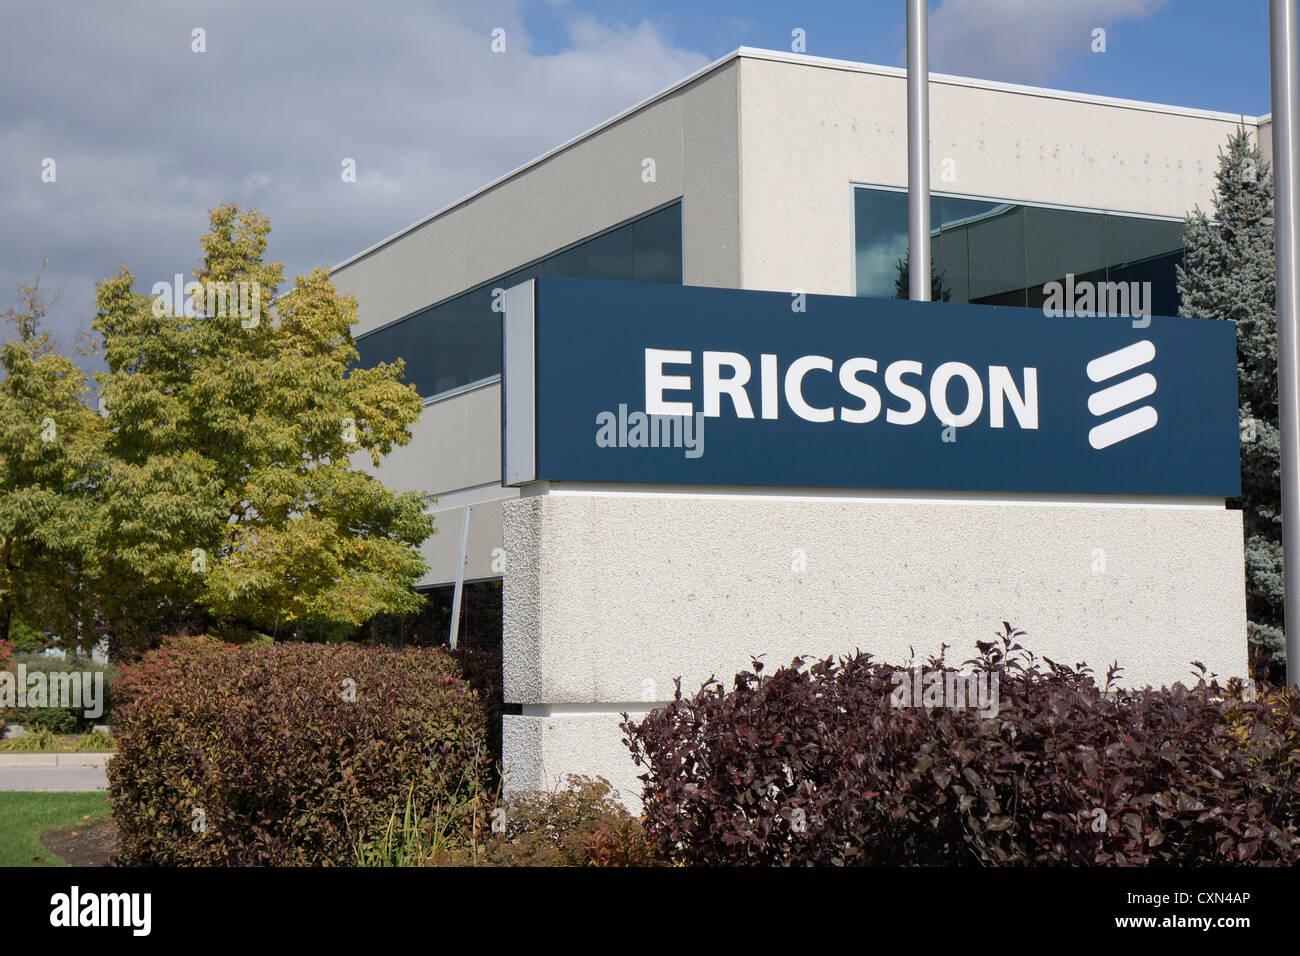 Ericsson, Firma Schild Büro Stockbild